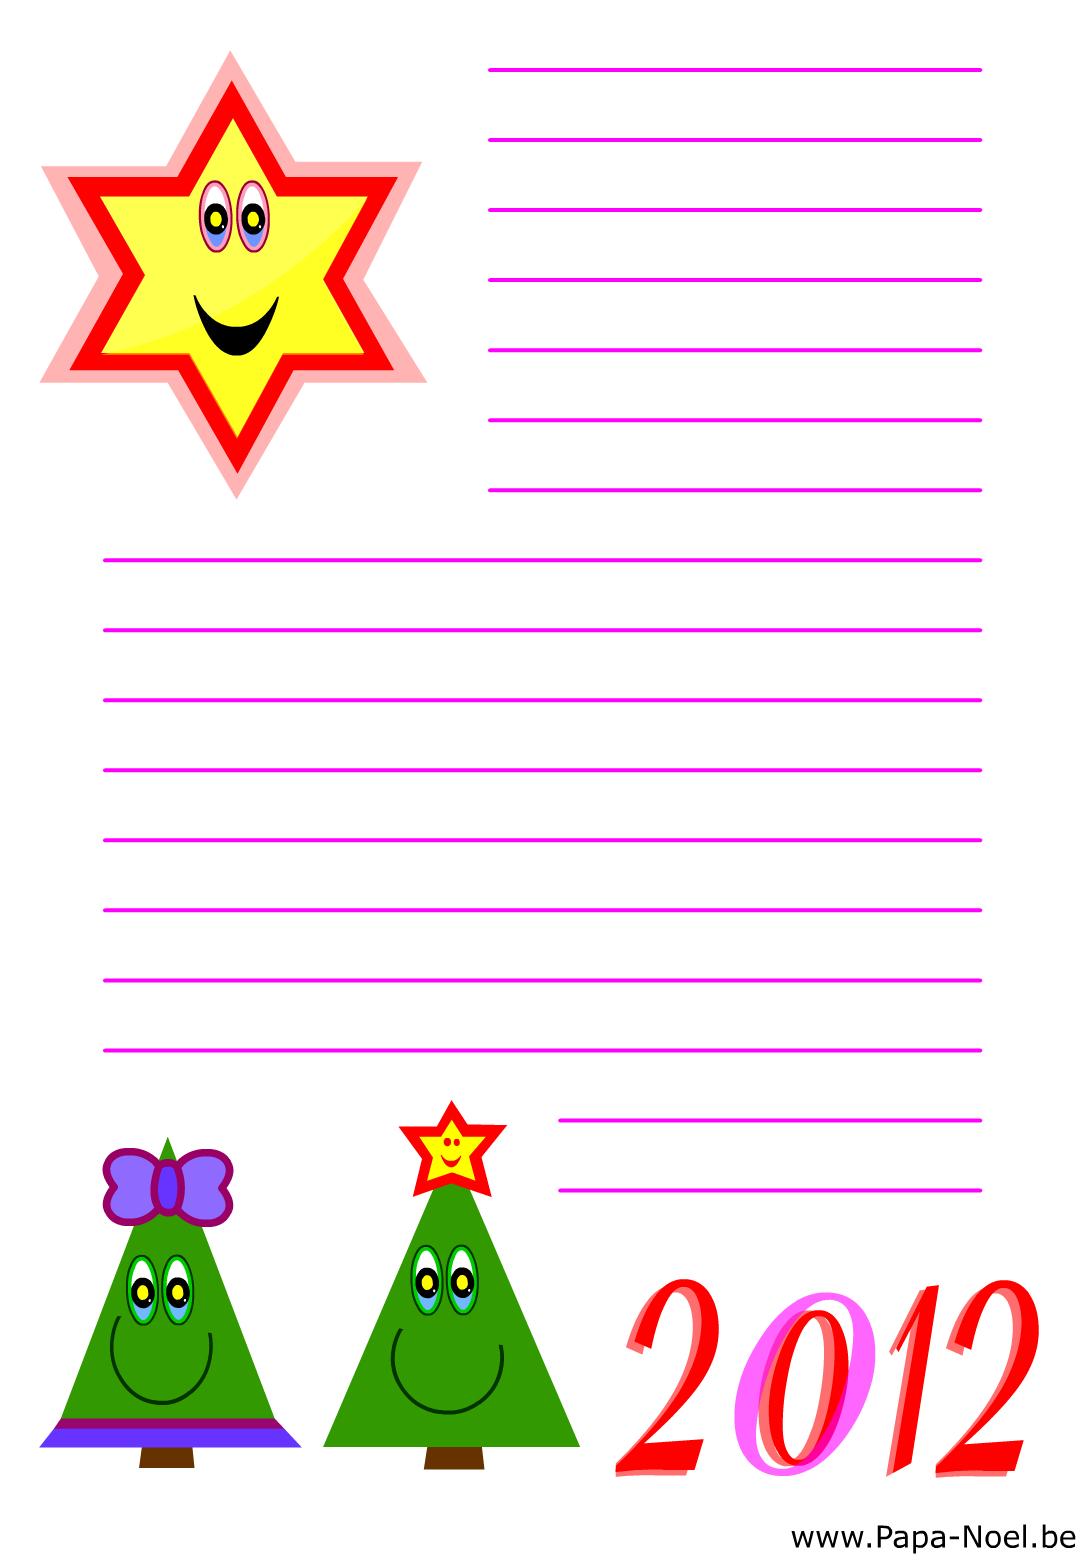 Papier A Lettre Noel À Imprimer Papeterie Noël Nouvelle dedans Papier A Lettre Noel